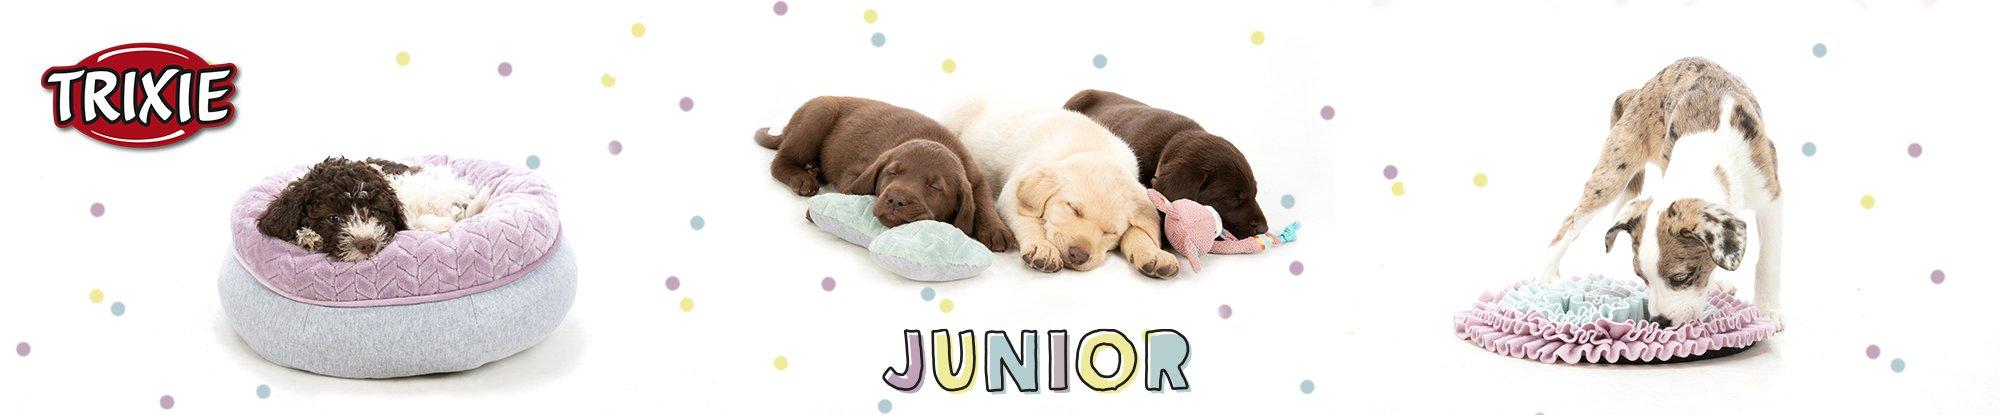 TRIXIE Junior - Kollektion für Welpen und Kitten, Bild 1